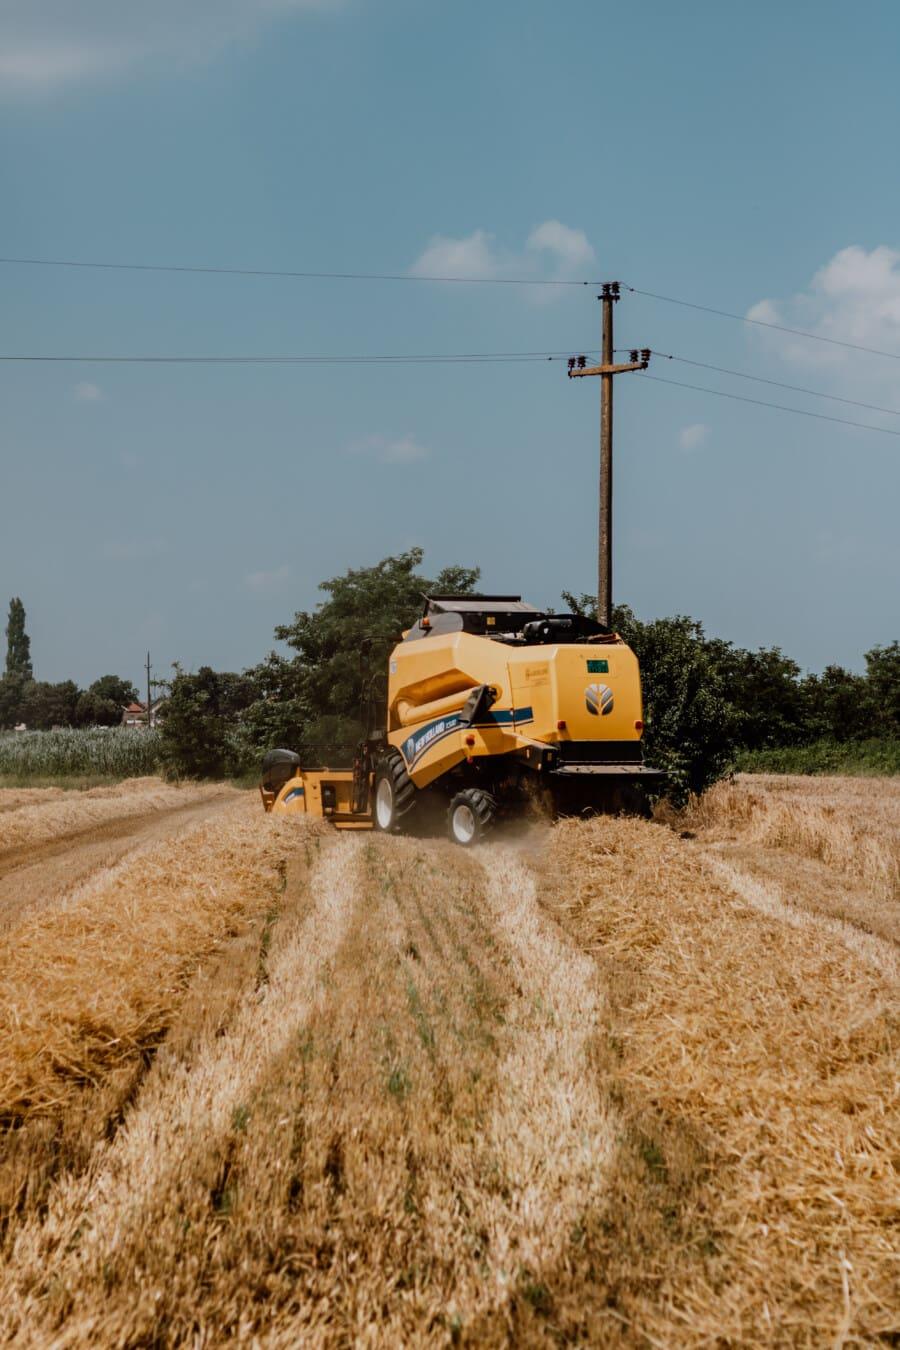 composant de collecte, machine, harvest, champ de blé, blé, Agriculture, campagne, unité, ferme, domaine